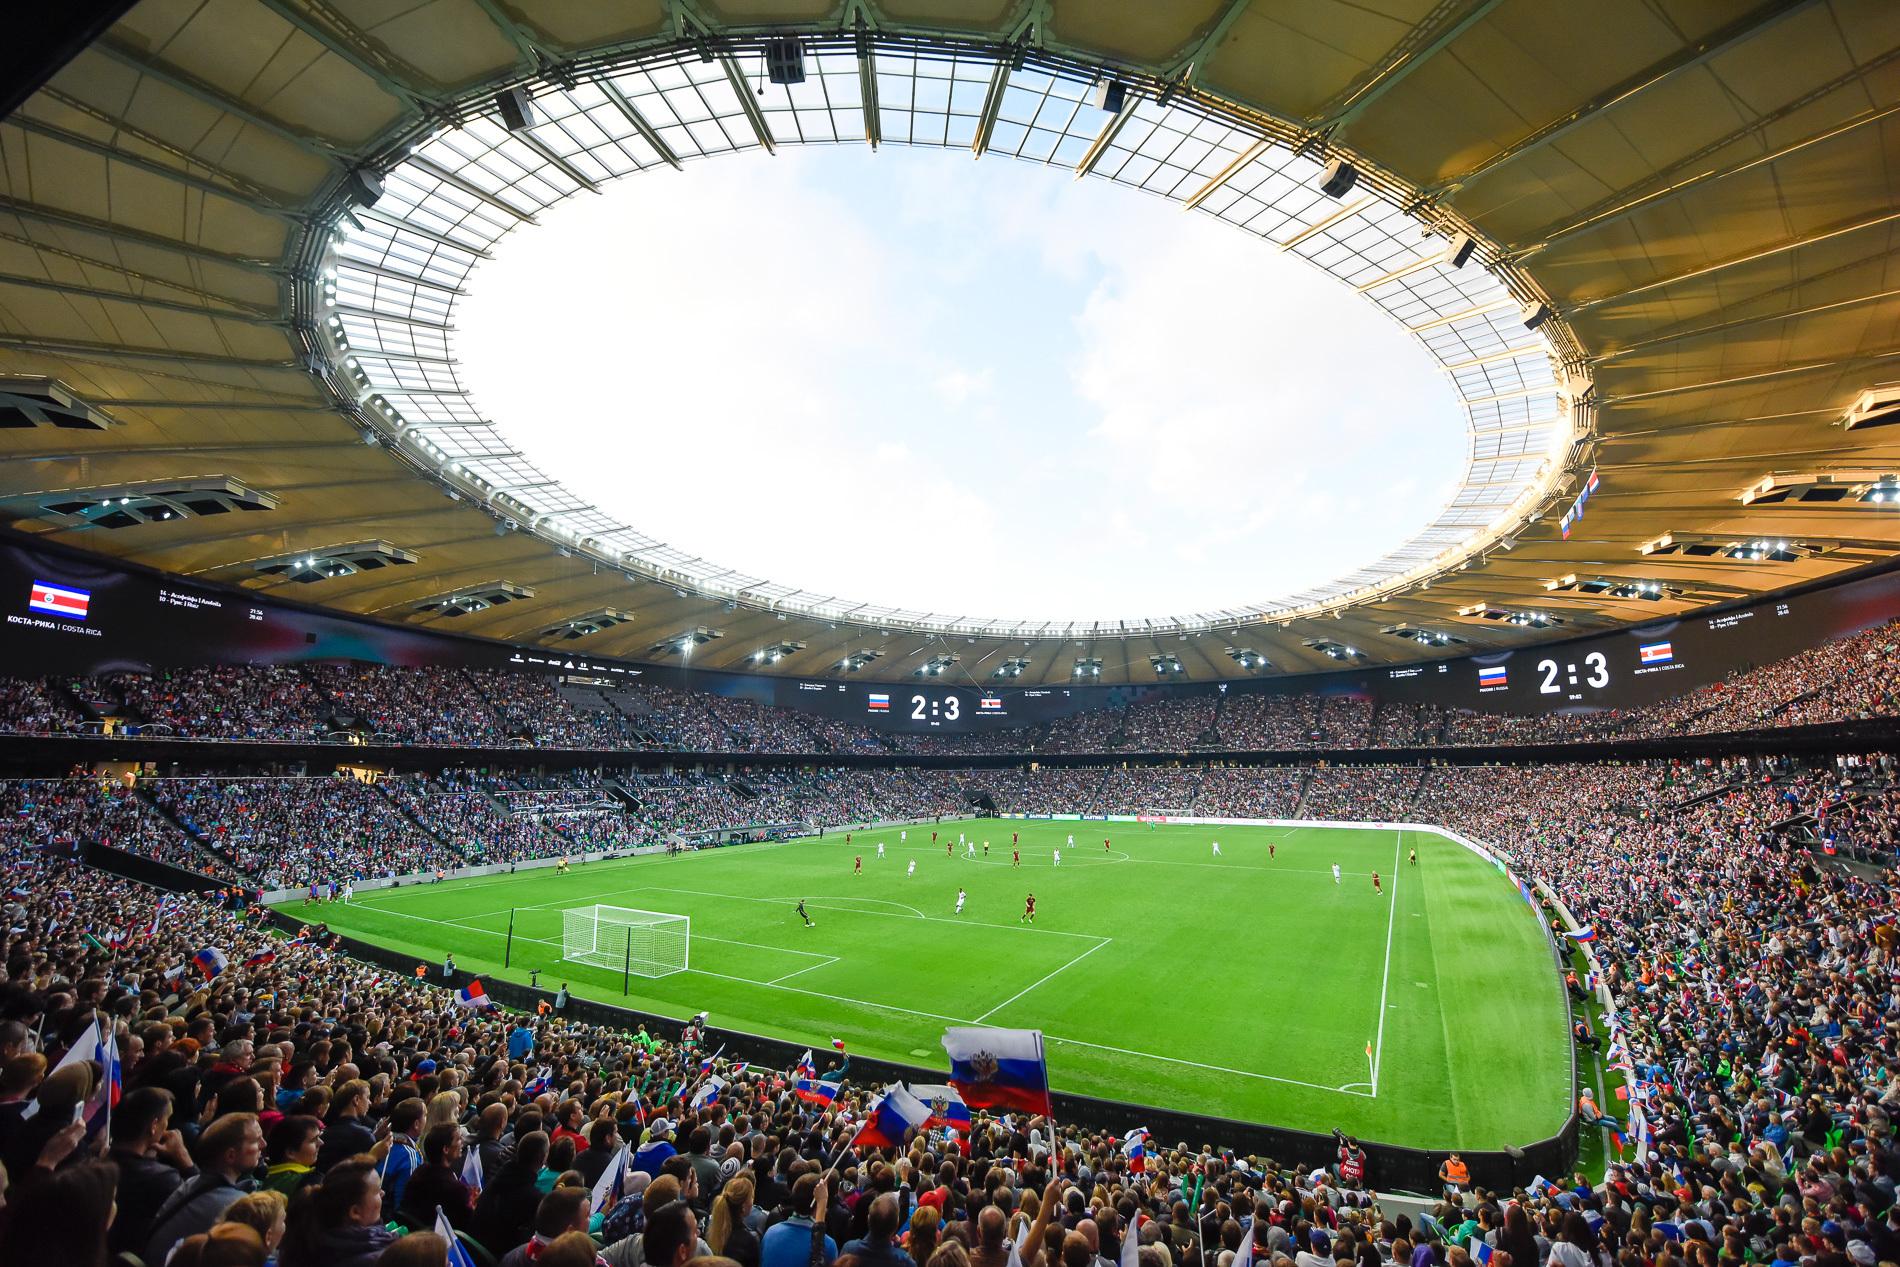 УЕФА разрешилФК «Краснодар» проводить домашние матчи Лиги Европы нановом стадионе